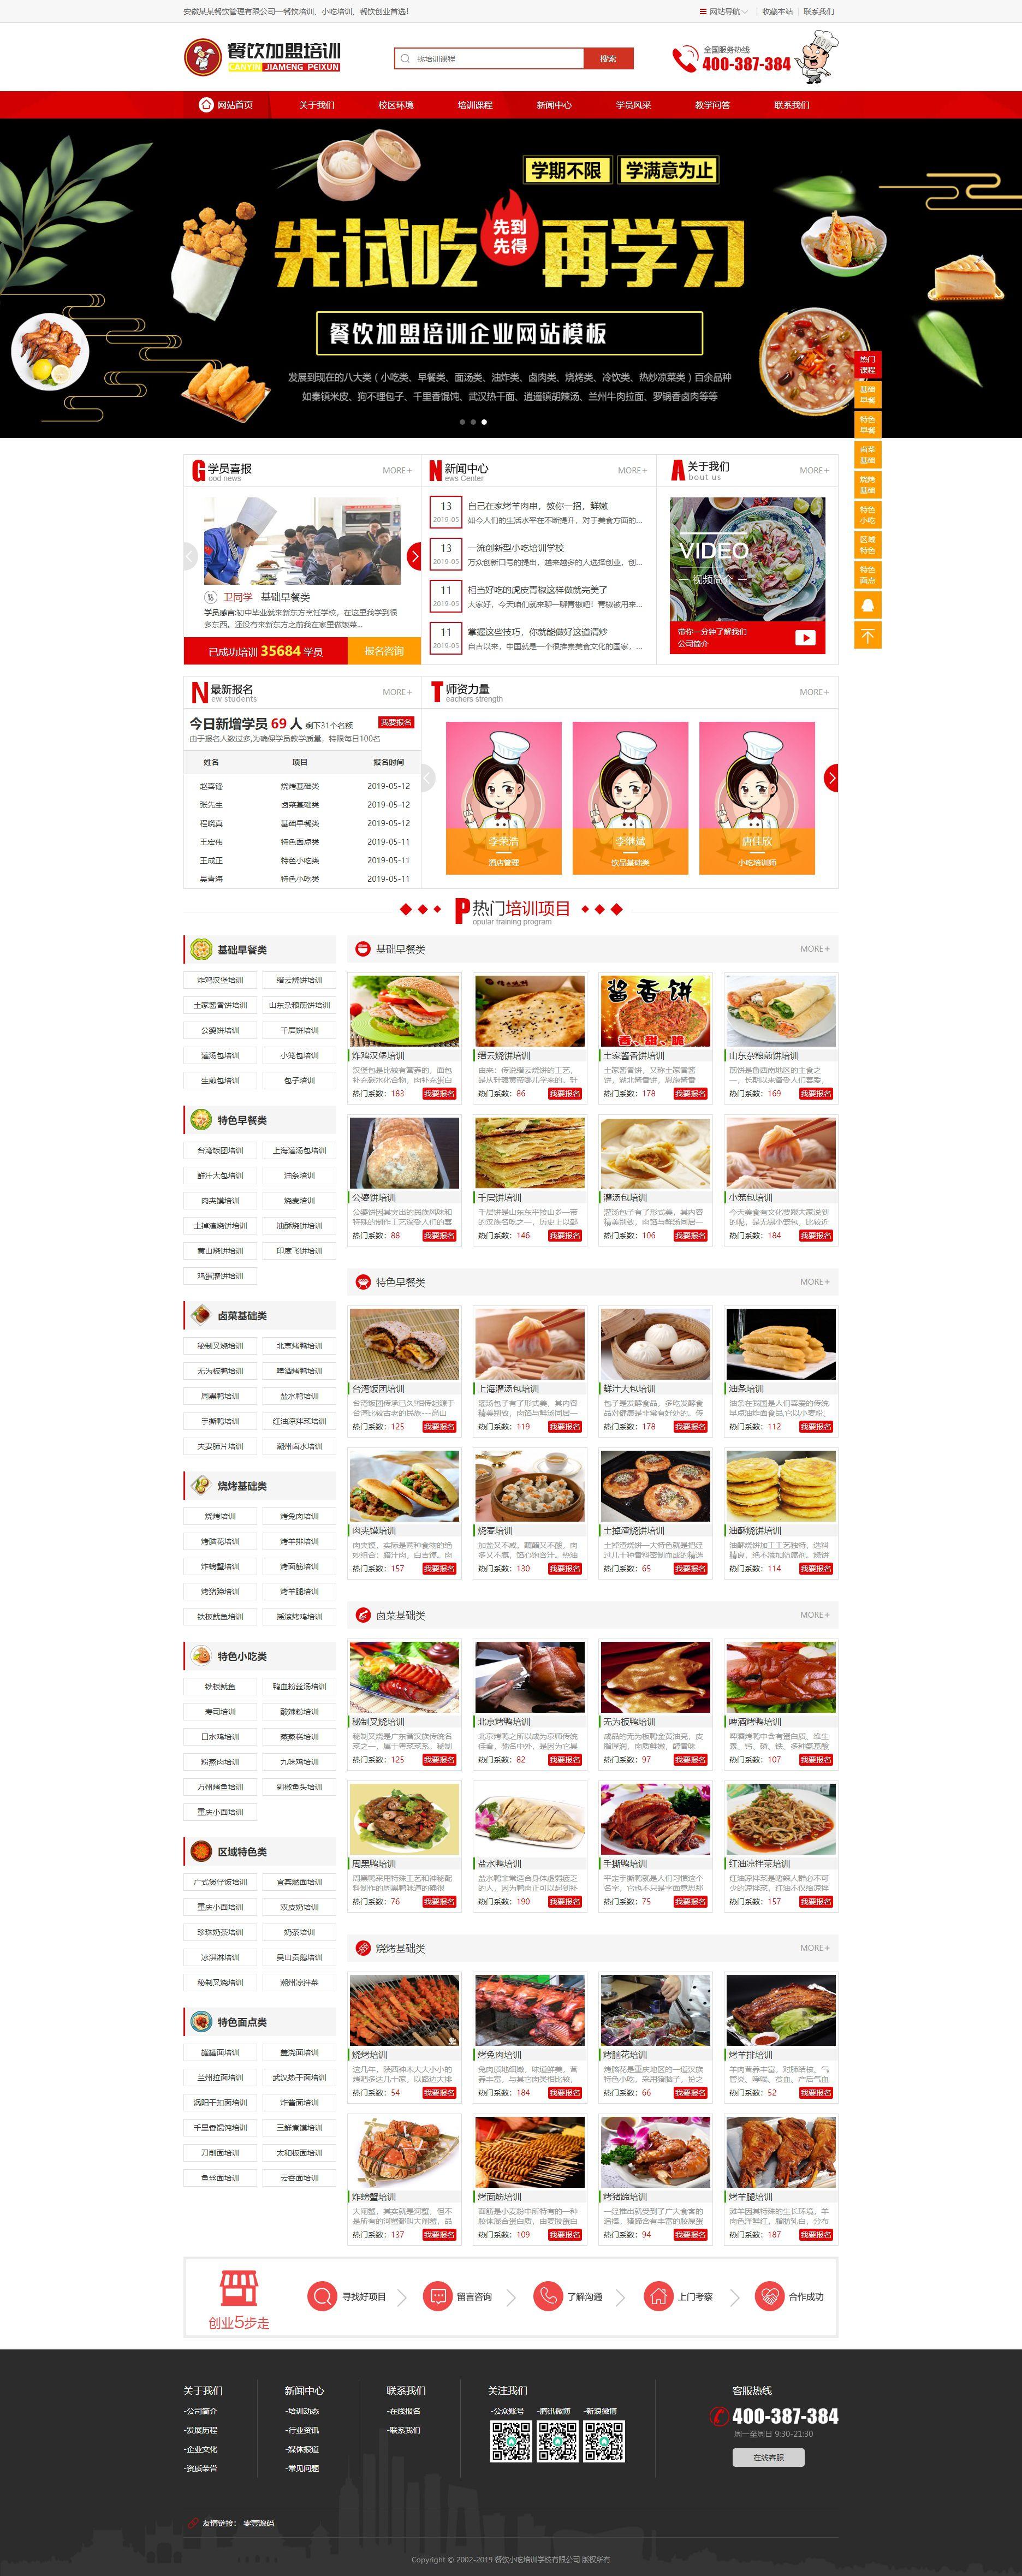 烹饪餐饮小吃培训学校类网站织梦dedecms模板(带手机移动端)